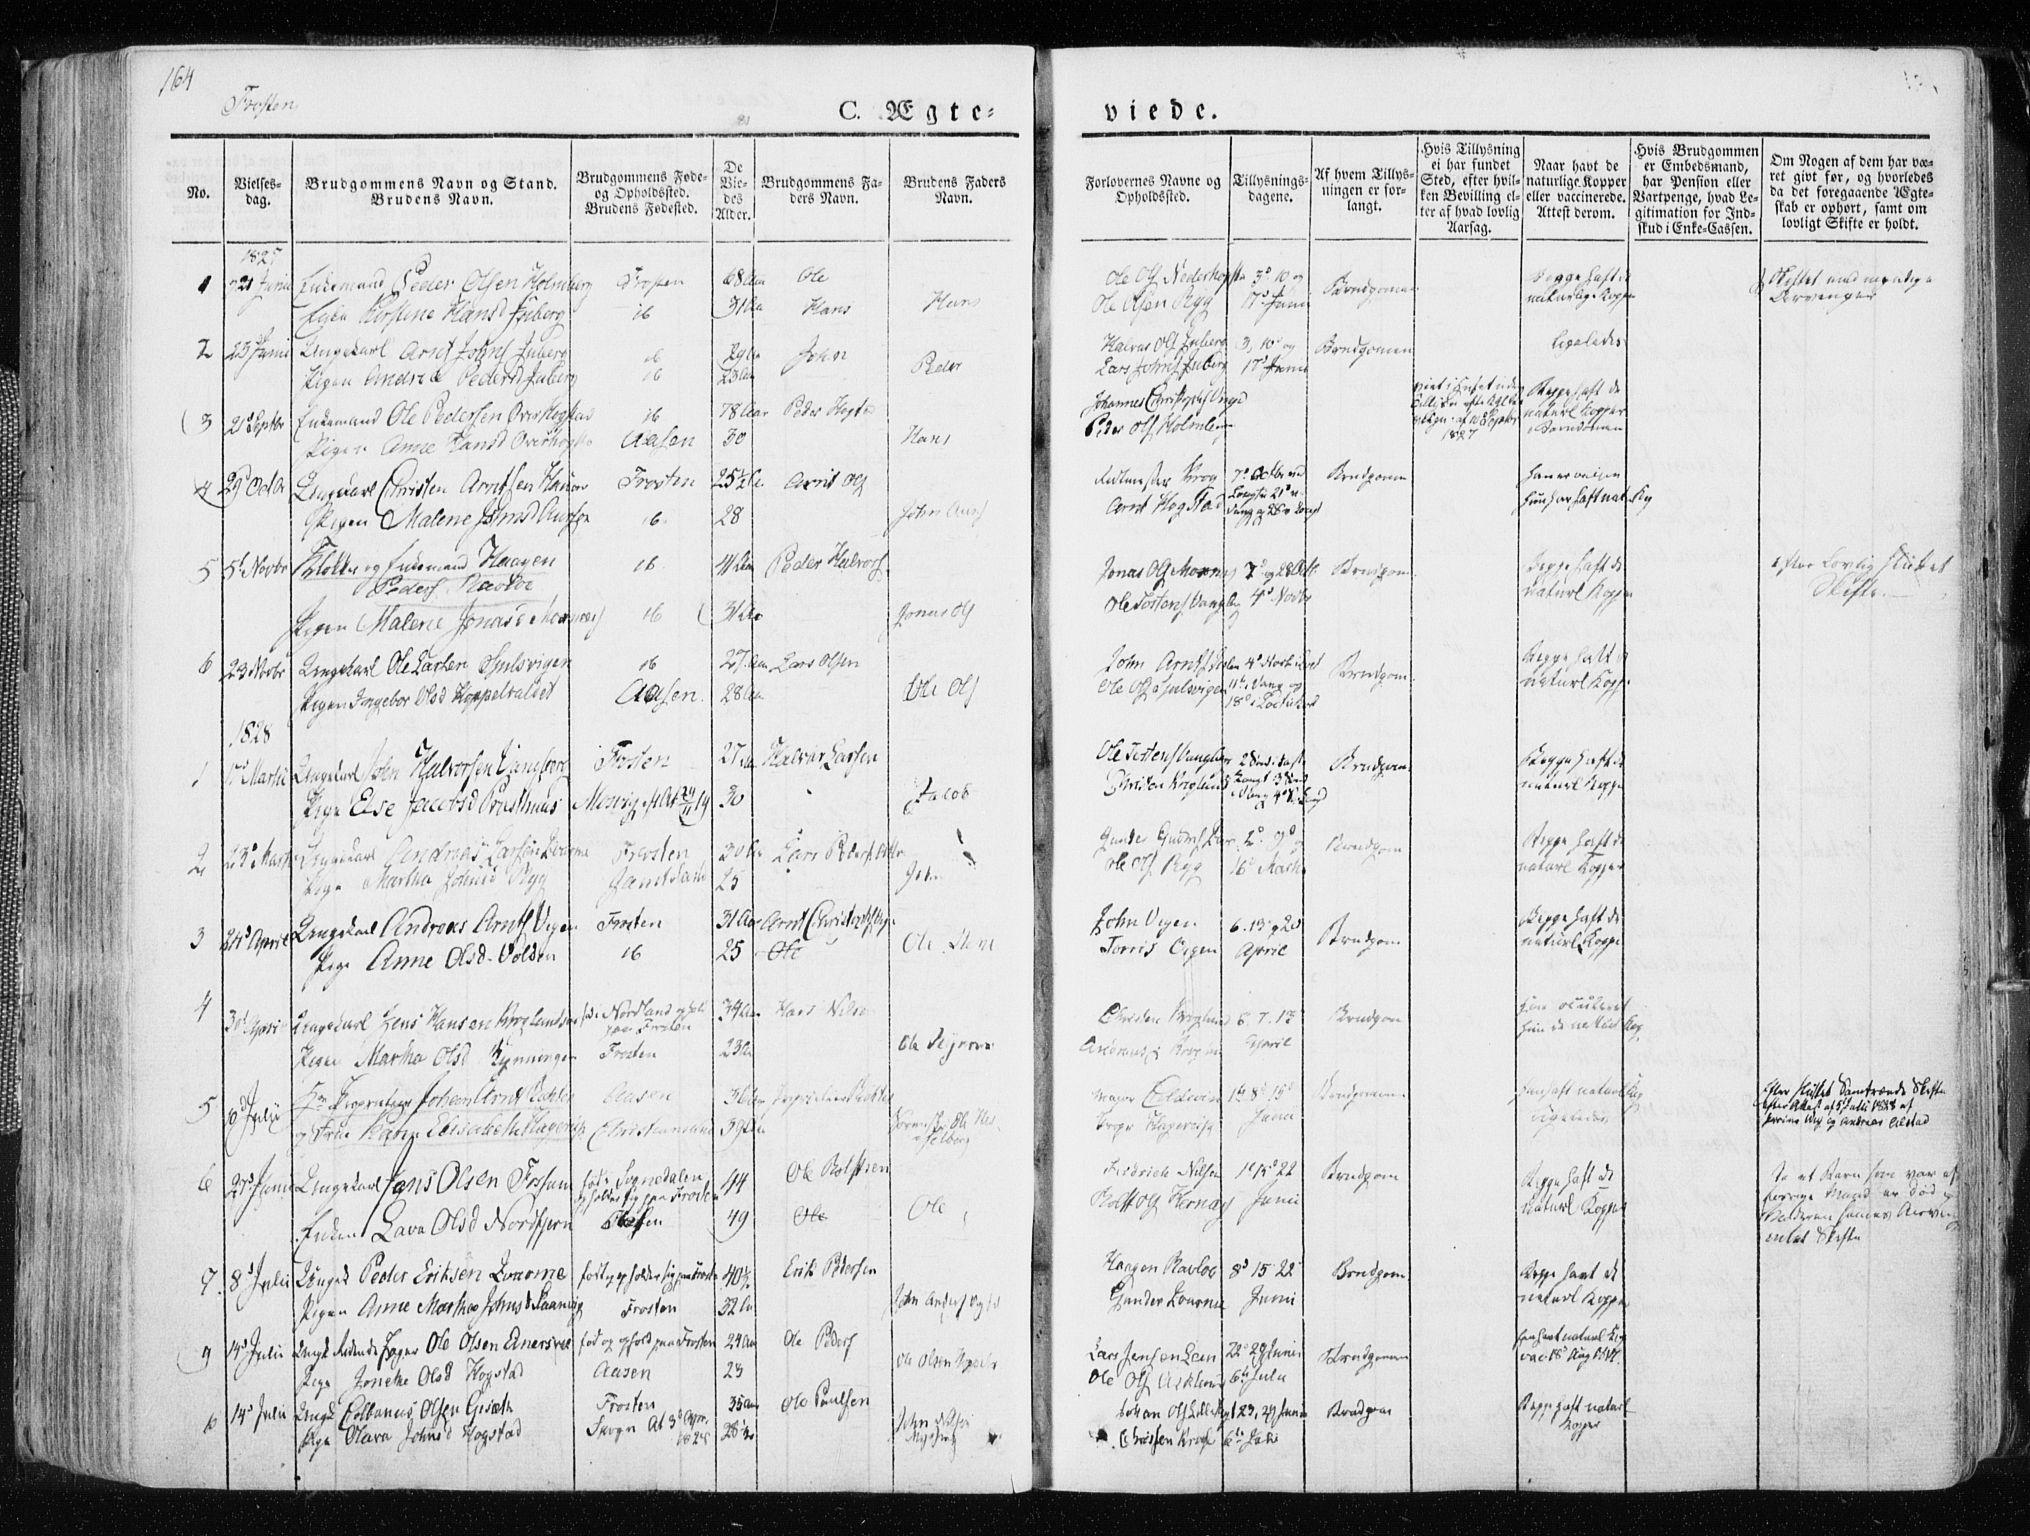 SAT, Ministerialprotokoller, klokkerbøker og fødselsregistre - Nord-Trøndelag, 713/L0114: Ministerialbok nr. 713A05, 1827-1839, s. 164